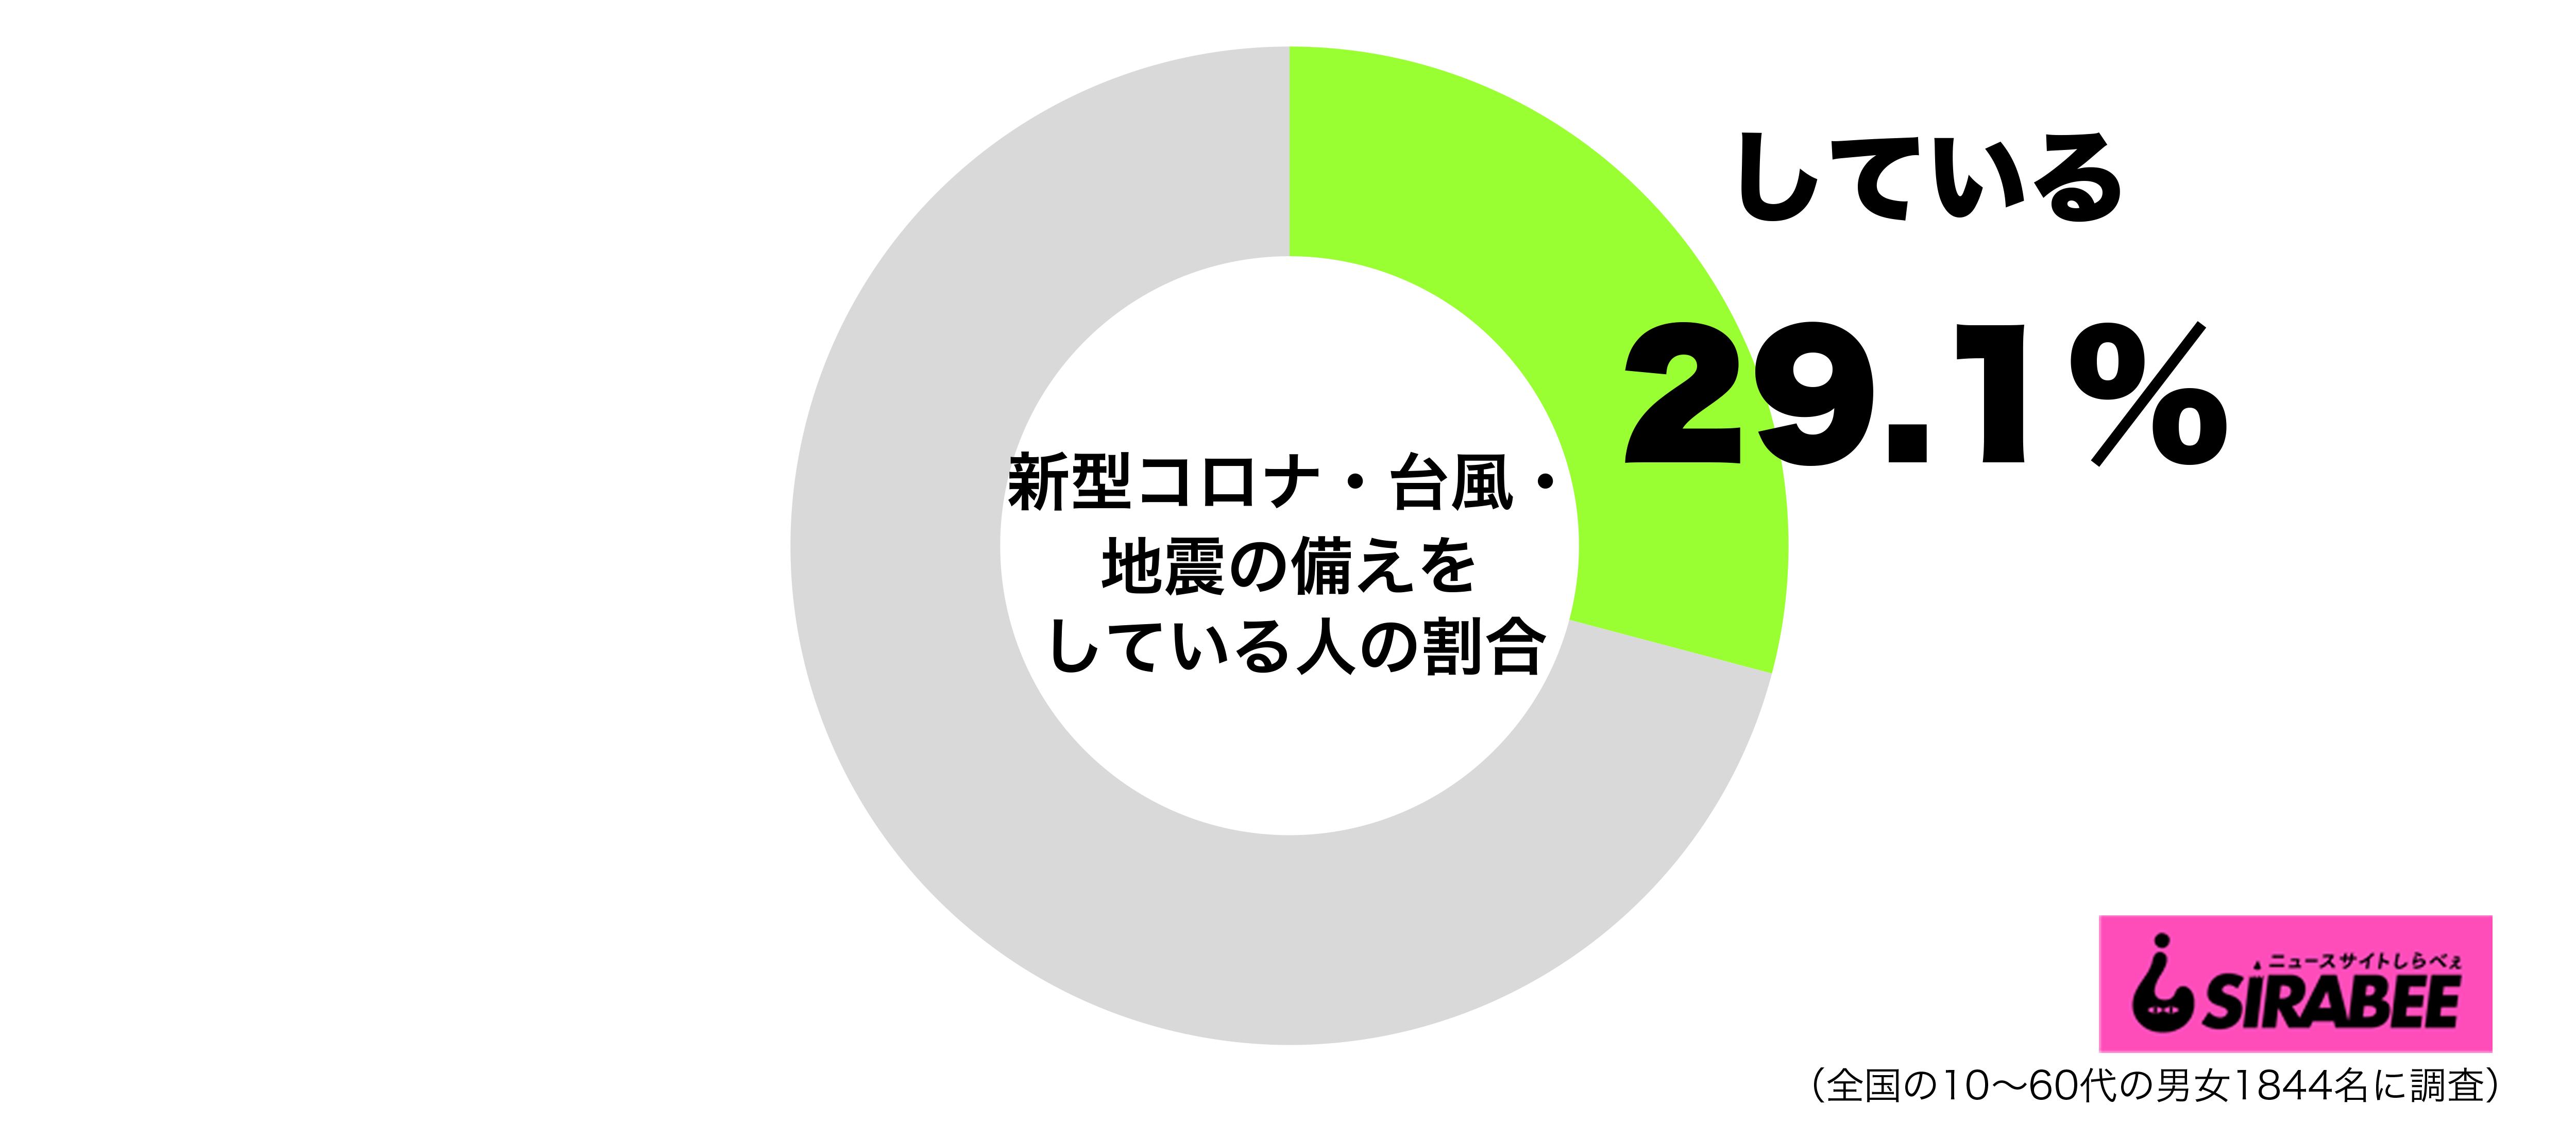 新型コロナ・台風・地震の3重災害のために備えをしているグラフ